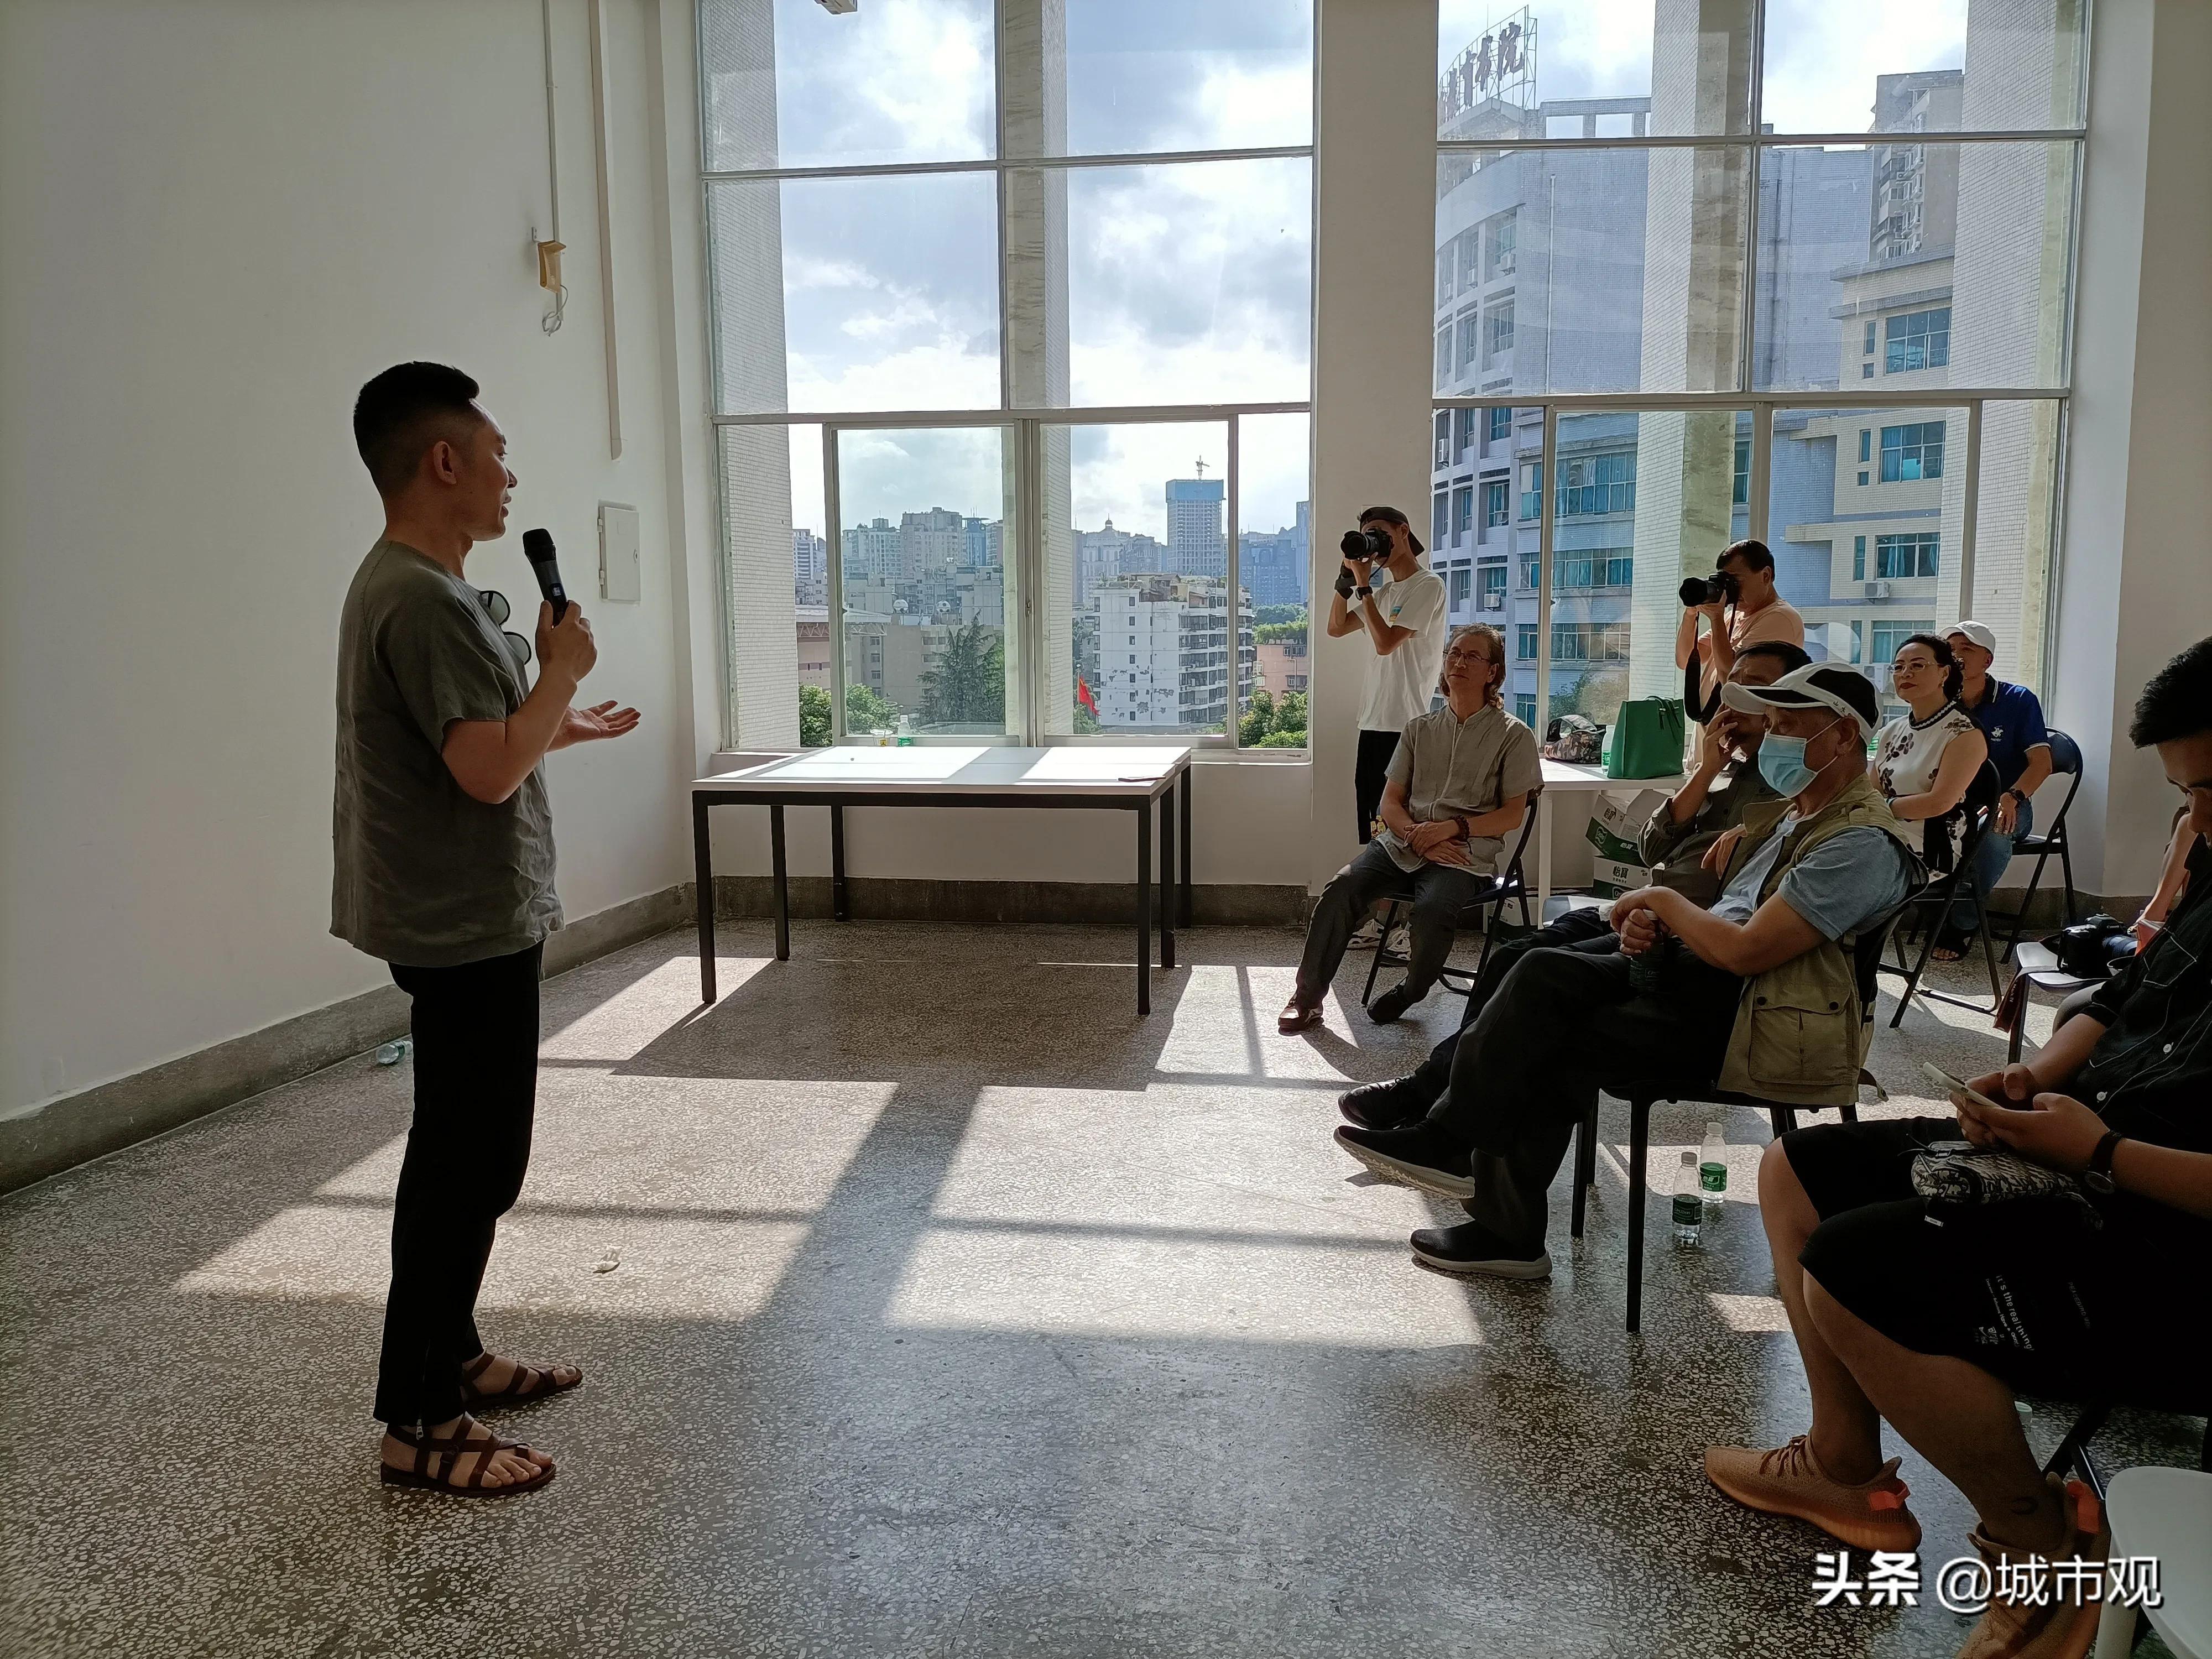 大展黔图《一轮·素念禅心》黄驿伦摄影作品在贵州师大美术馆展出